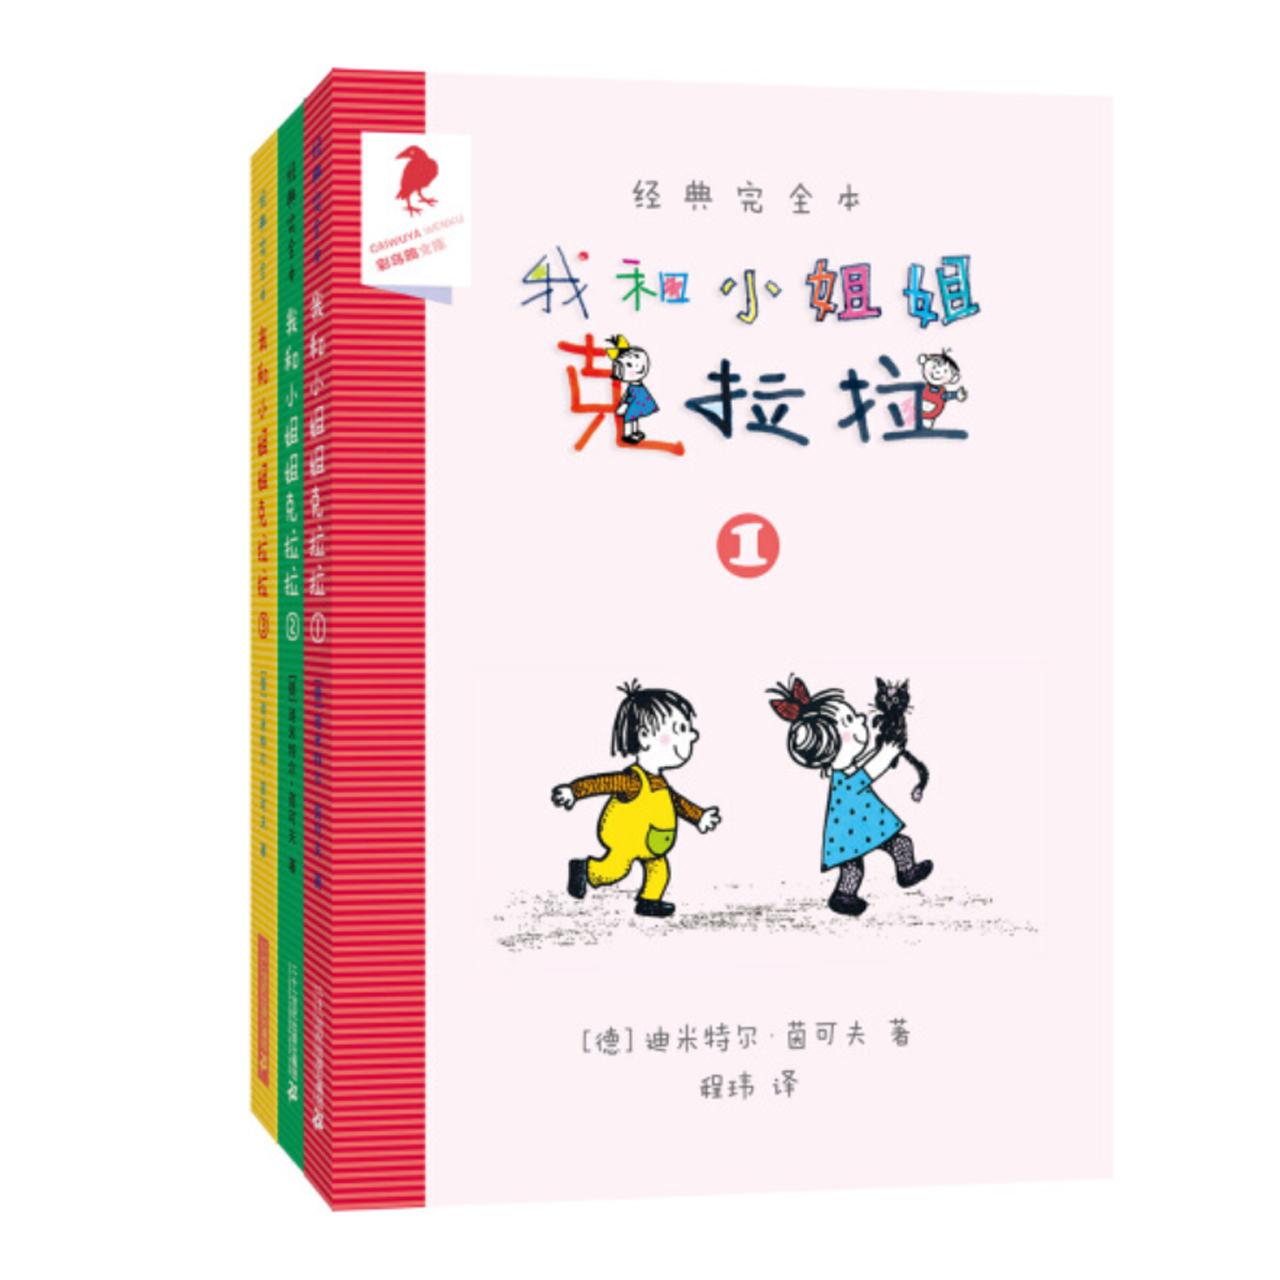 我和小姐姐克拉拉(共3册)【儿童小说/青少年读物/翻译文学】